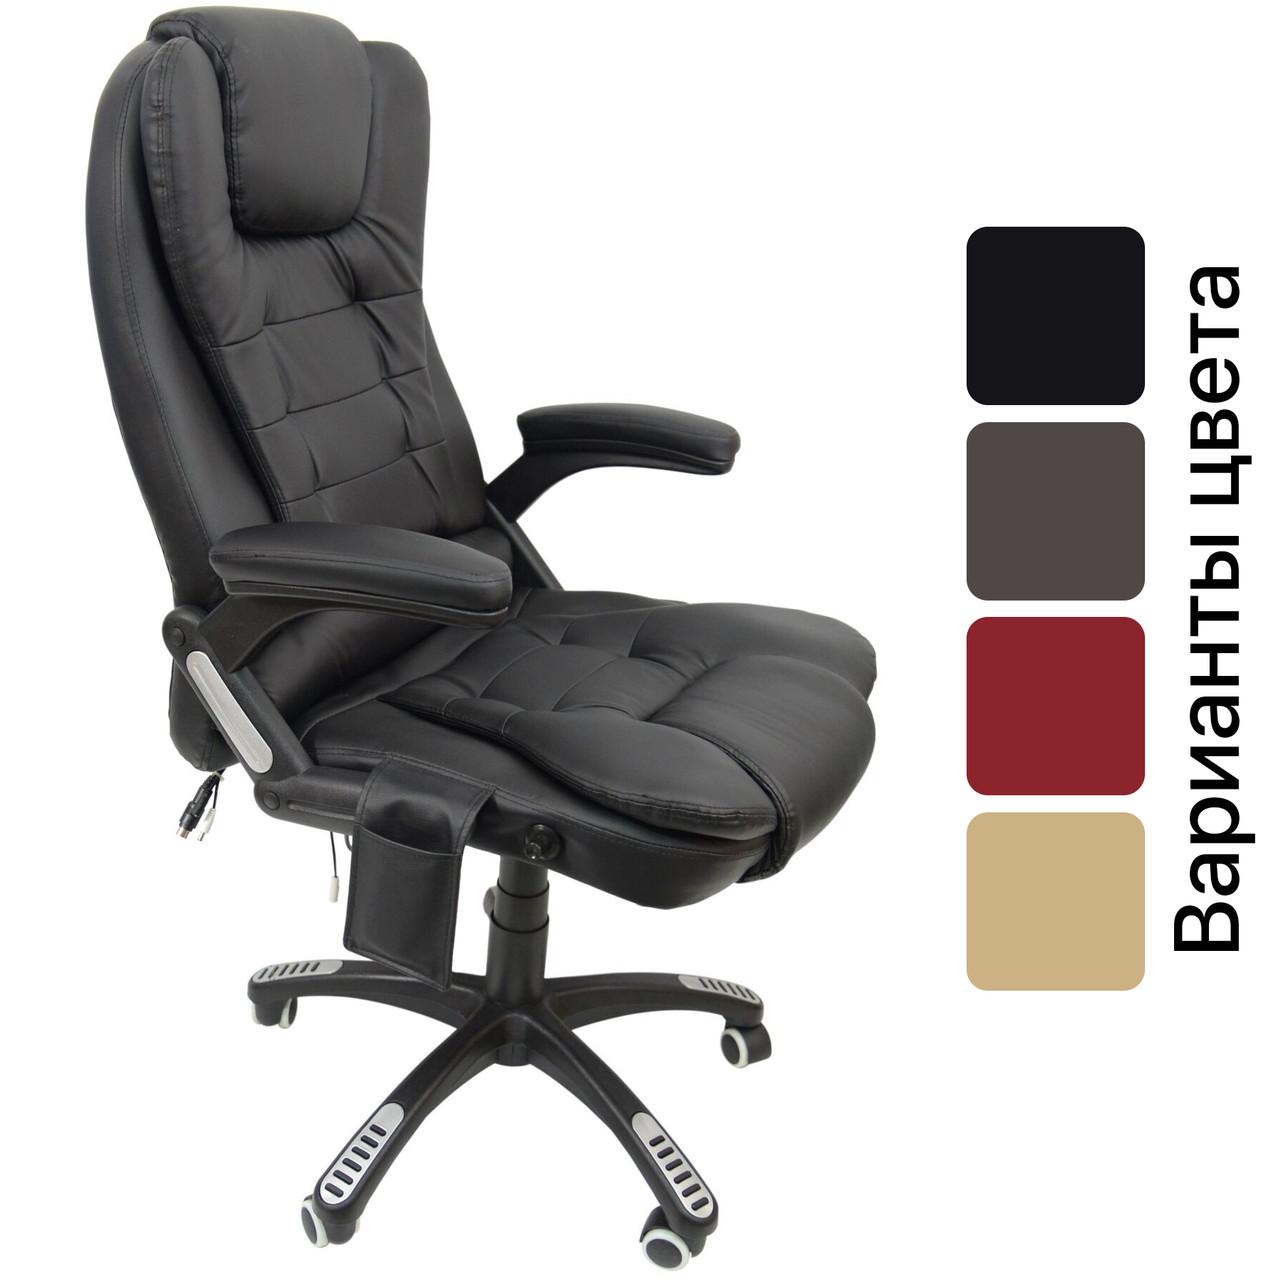 Офисное компьютерное кресло Bonro M-8025 массажное для офиса, дома